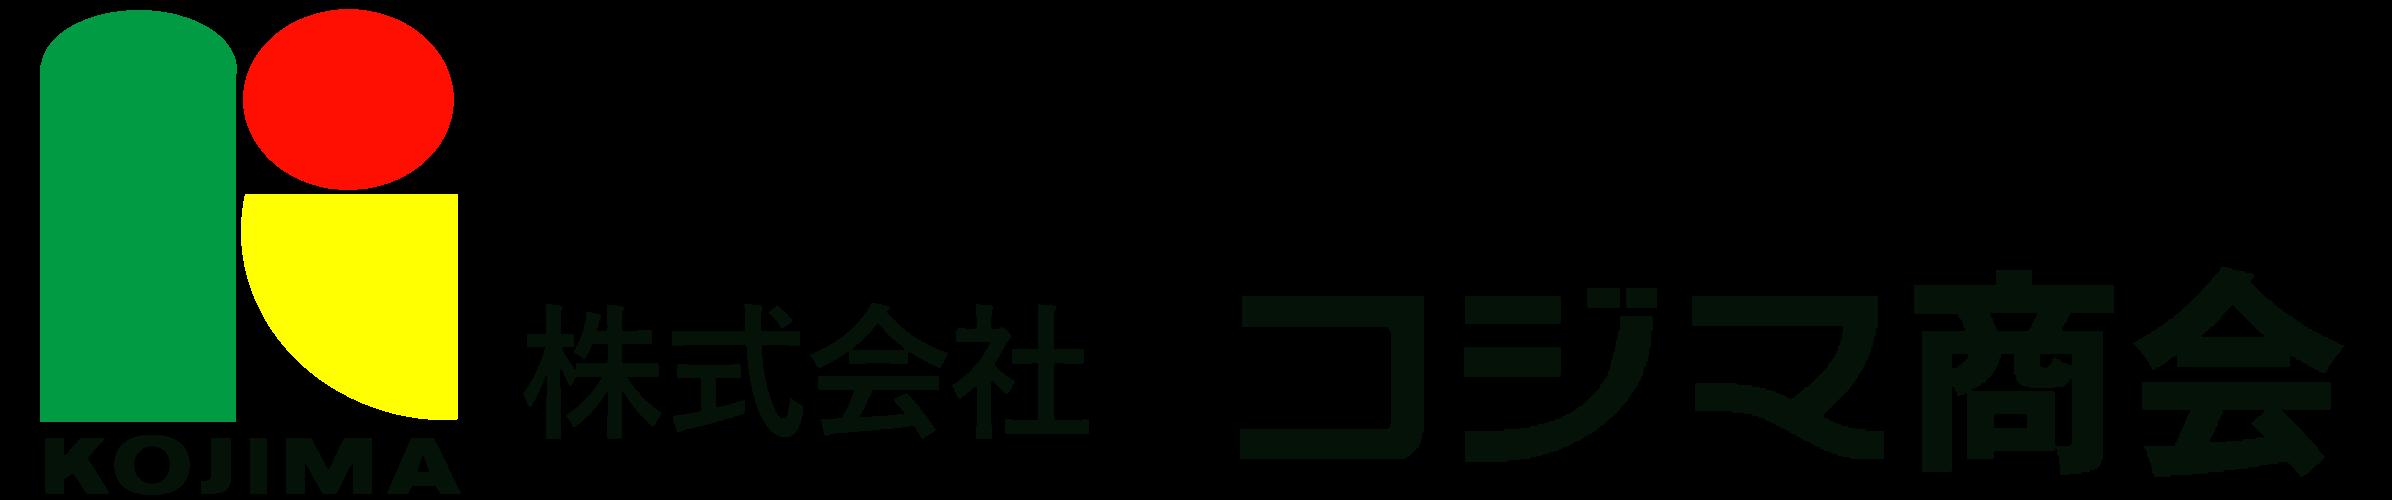 株式会社コジマ商会